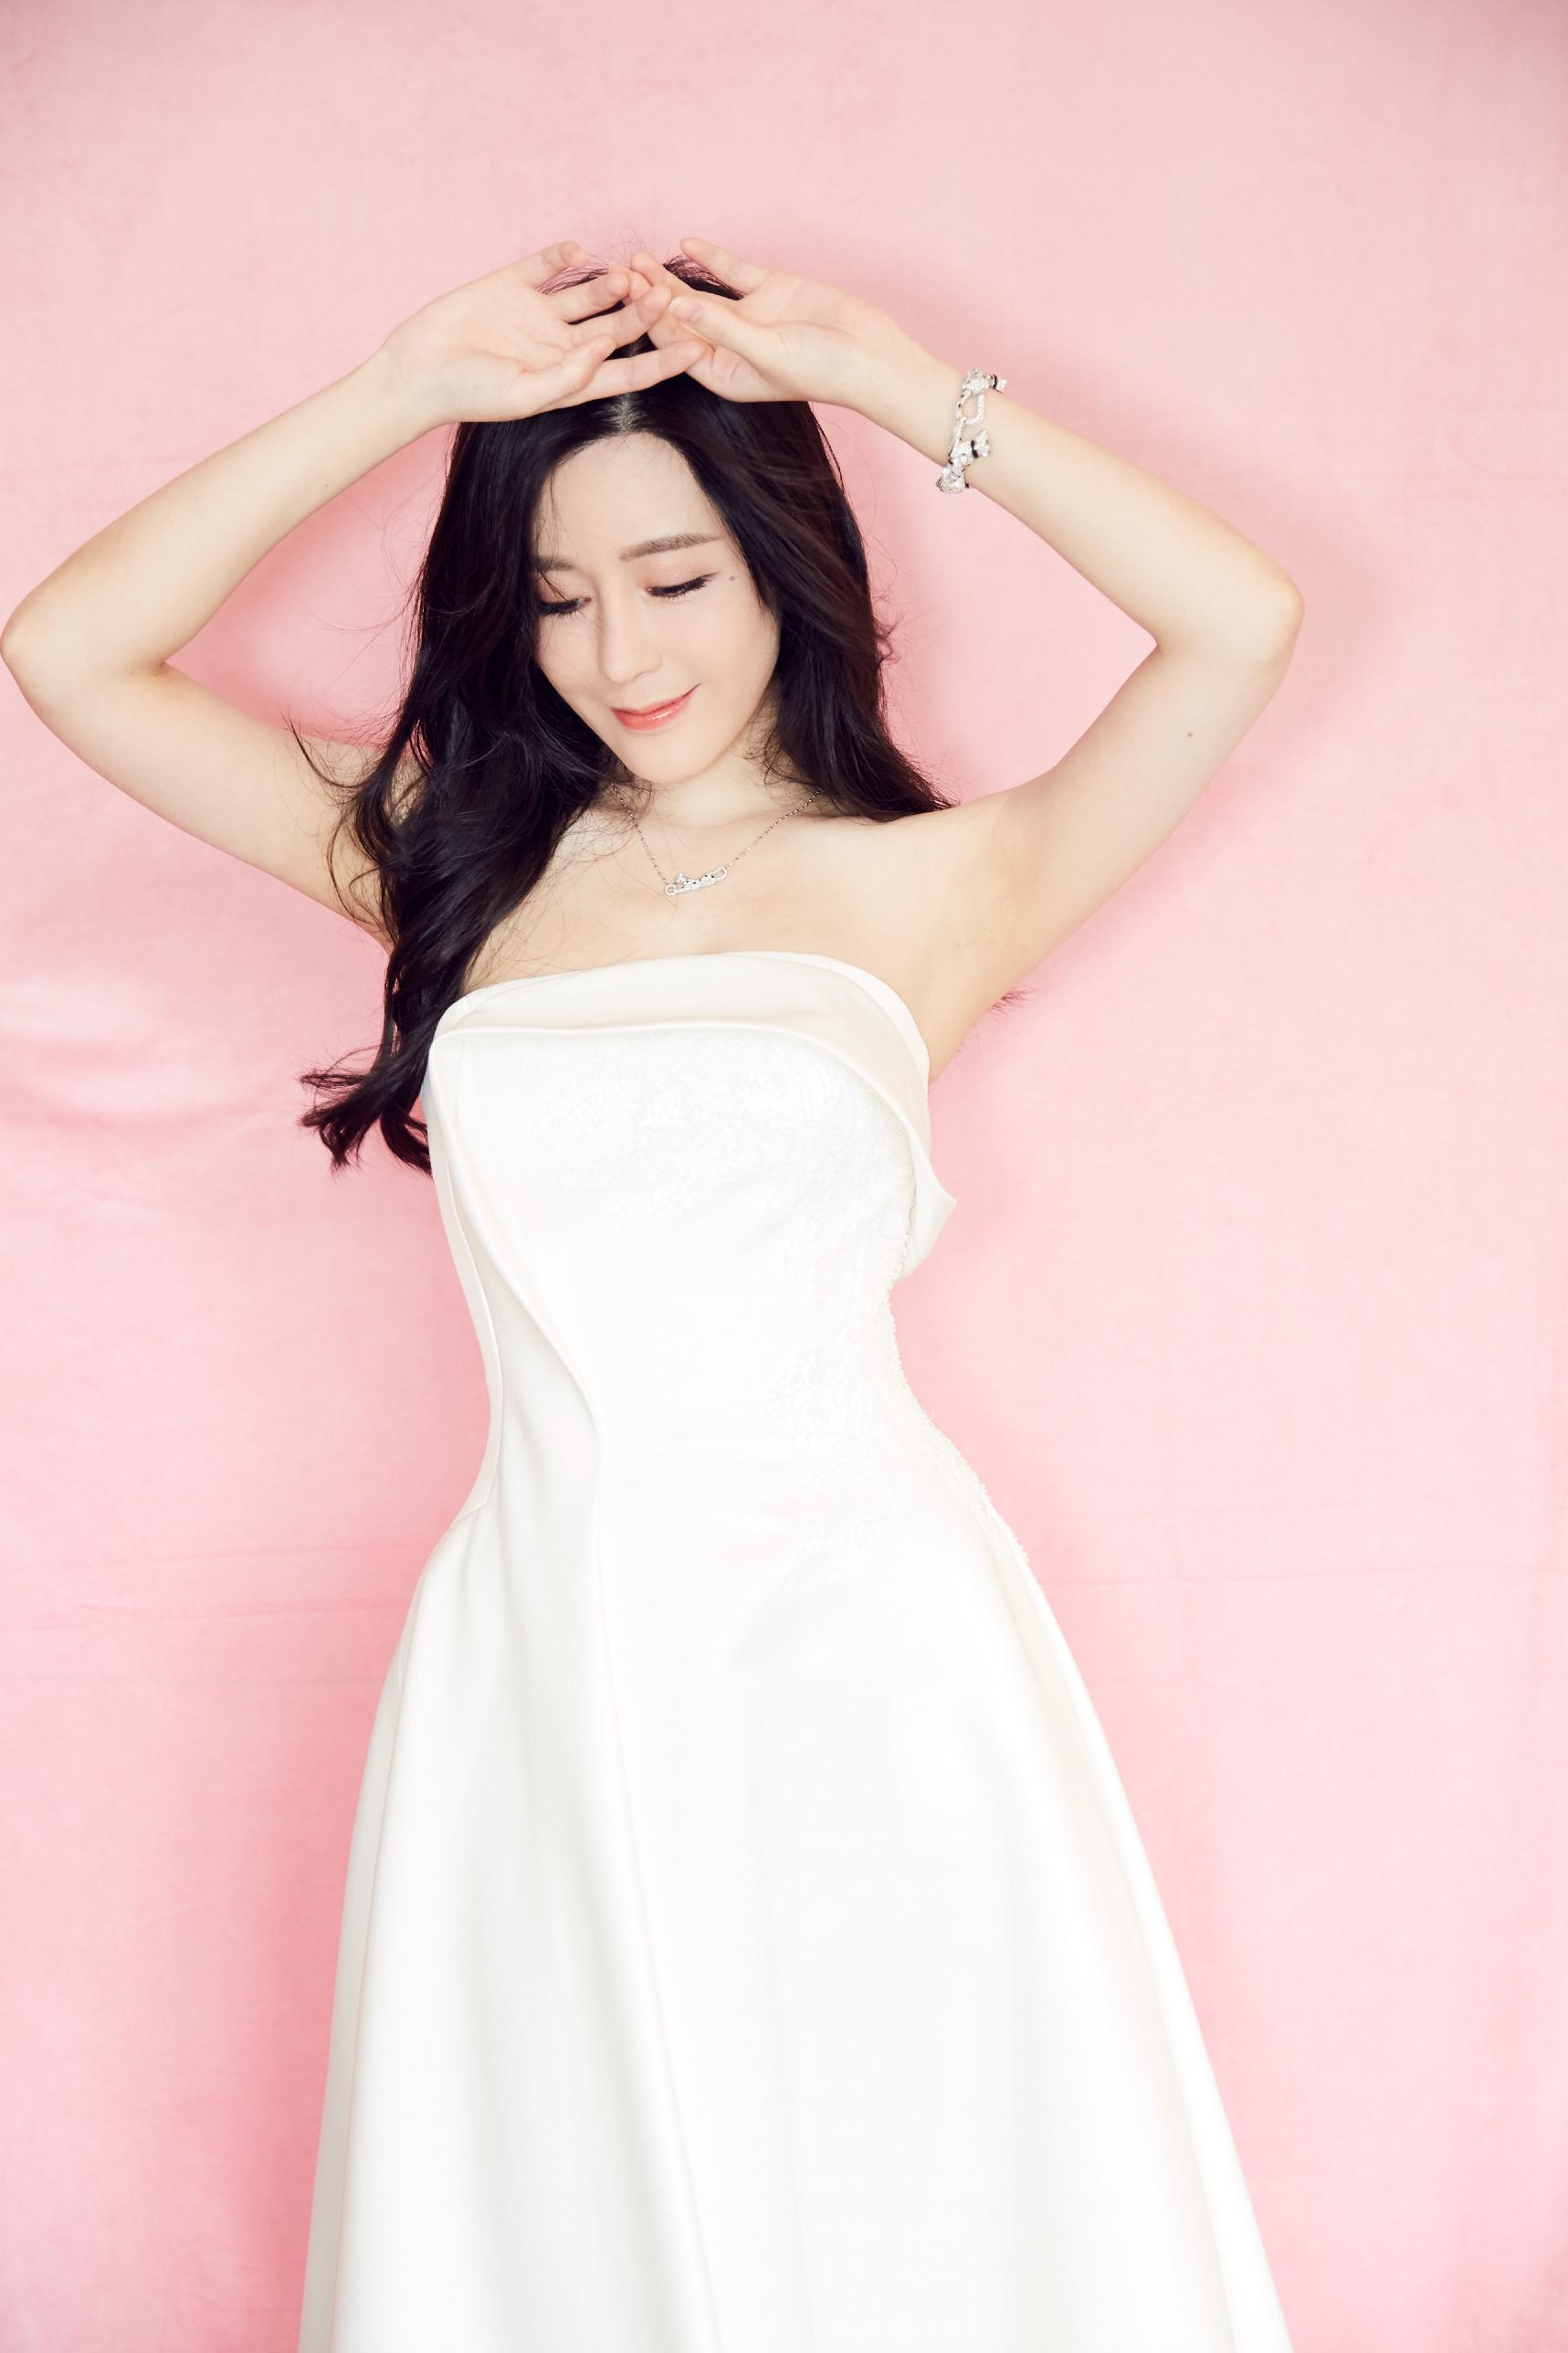 汤晶媚官宣科技代言亮相发布会纯白简约西装裙亮相